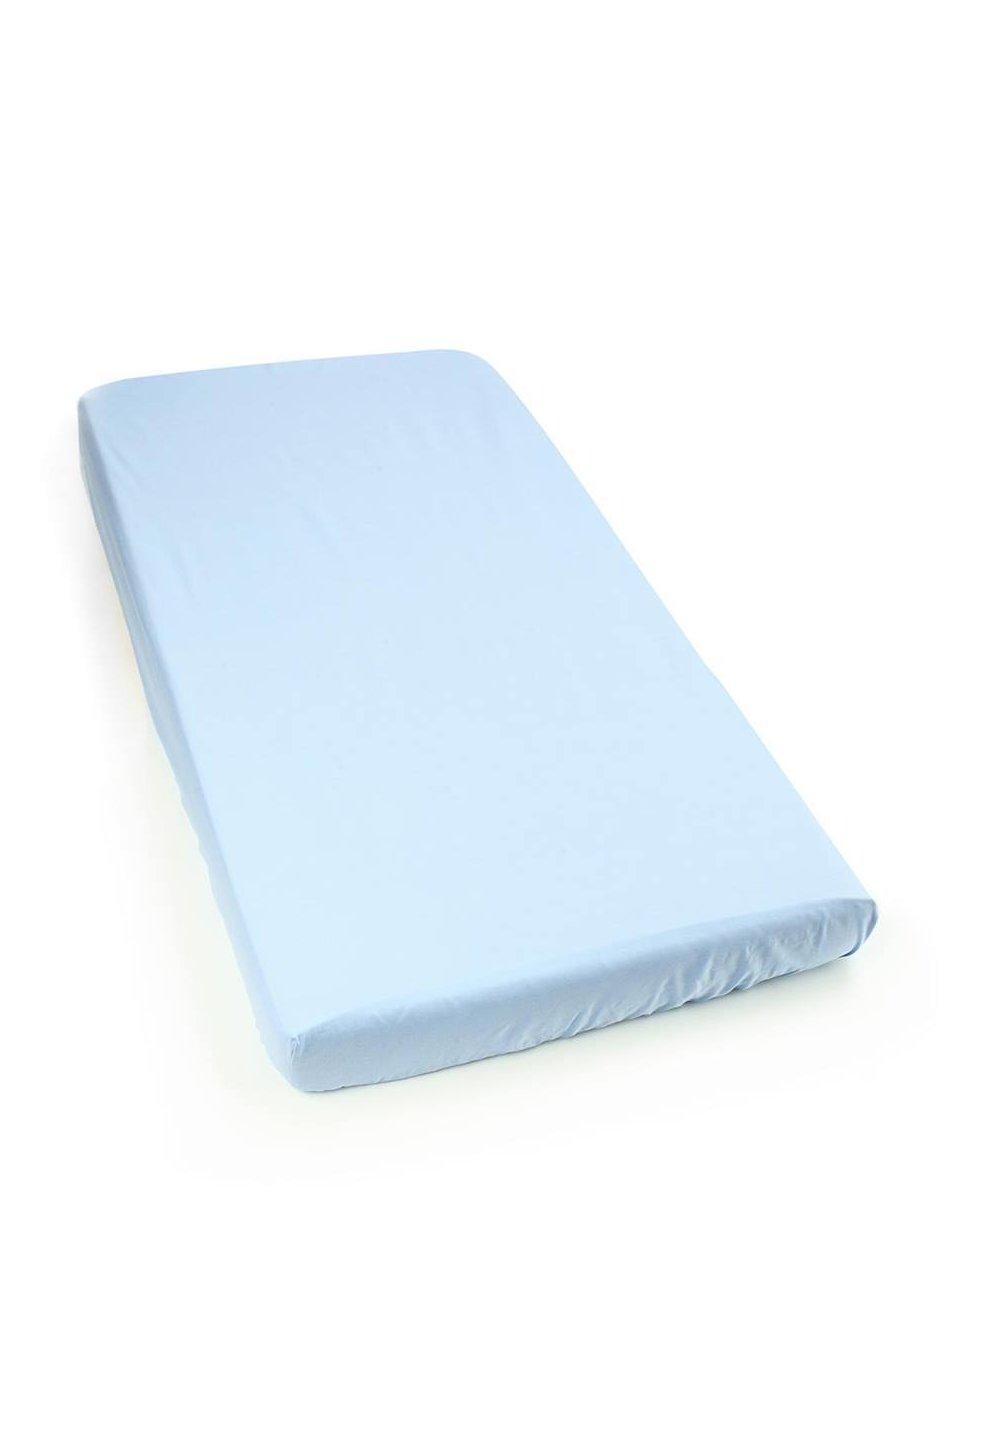 Cearceaf bumbac, albastru, 140 x 70 cm imagine